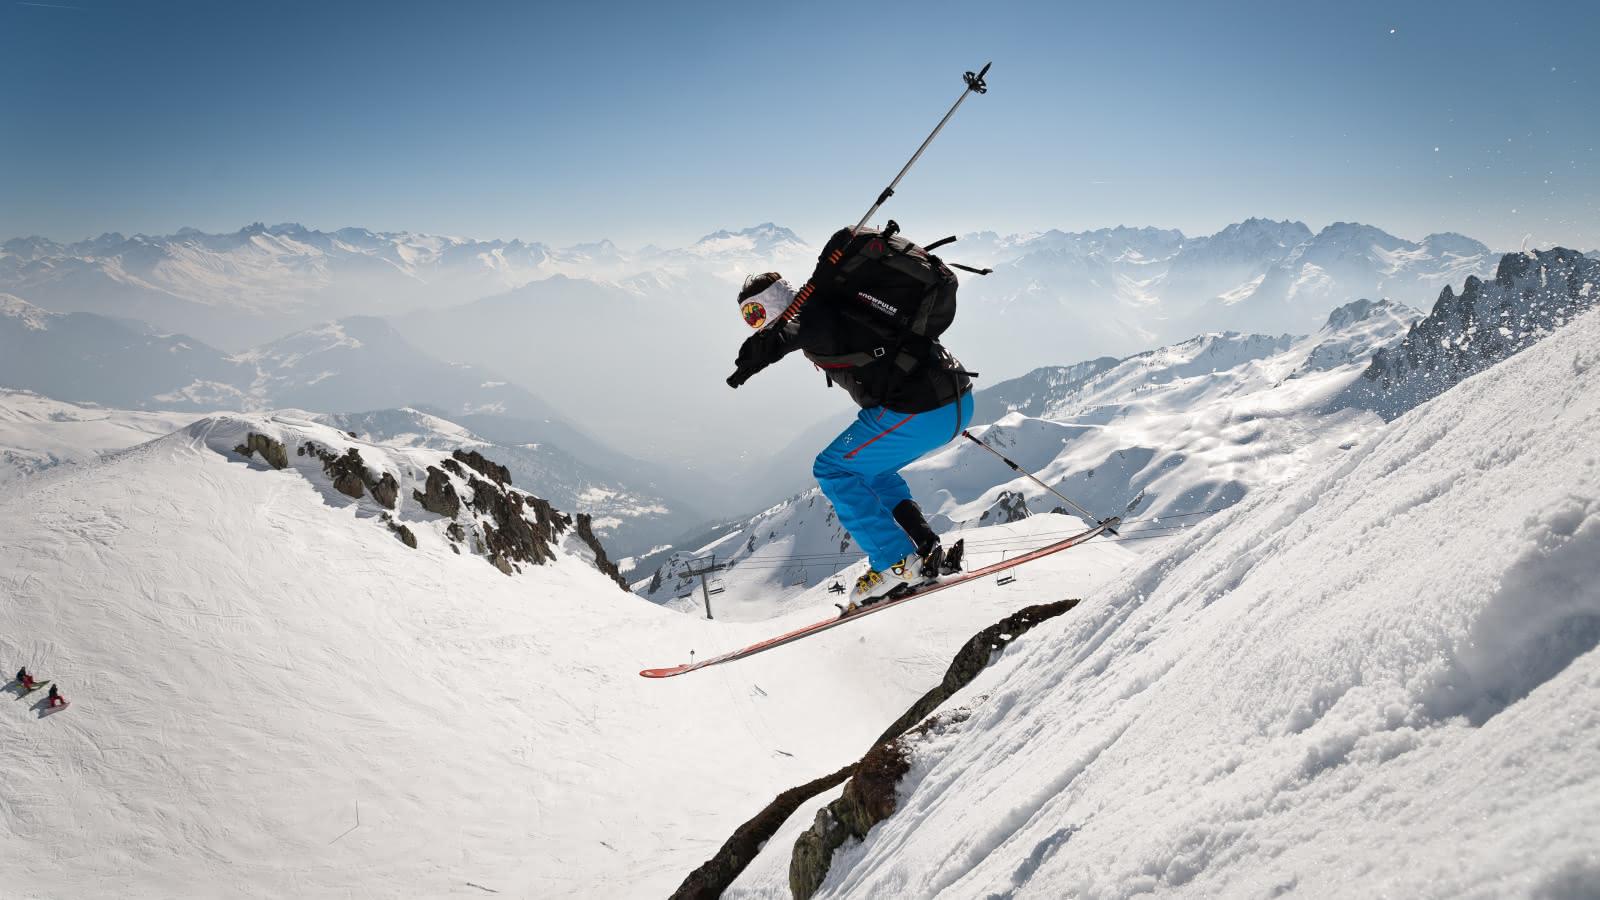 Skieur sautant sur le domaine skiable